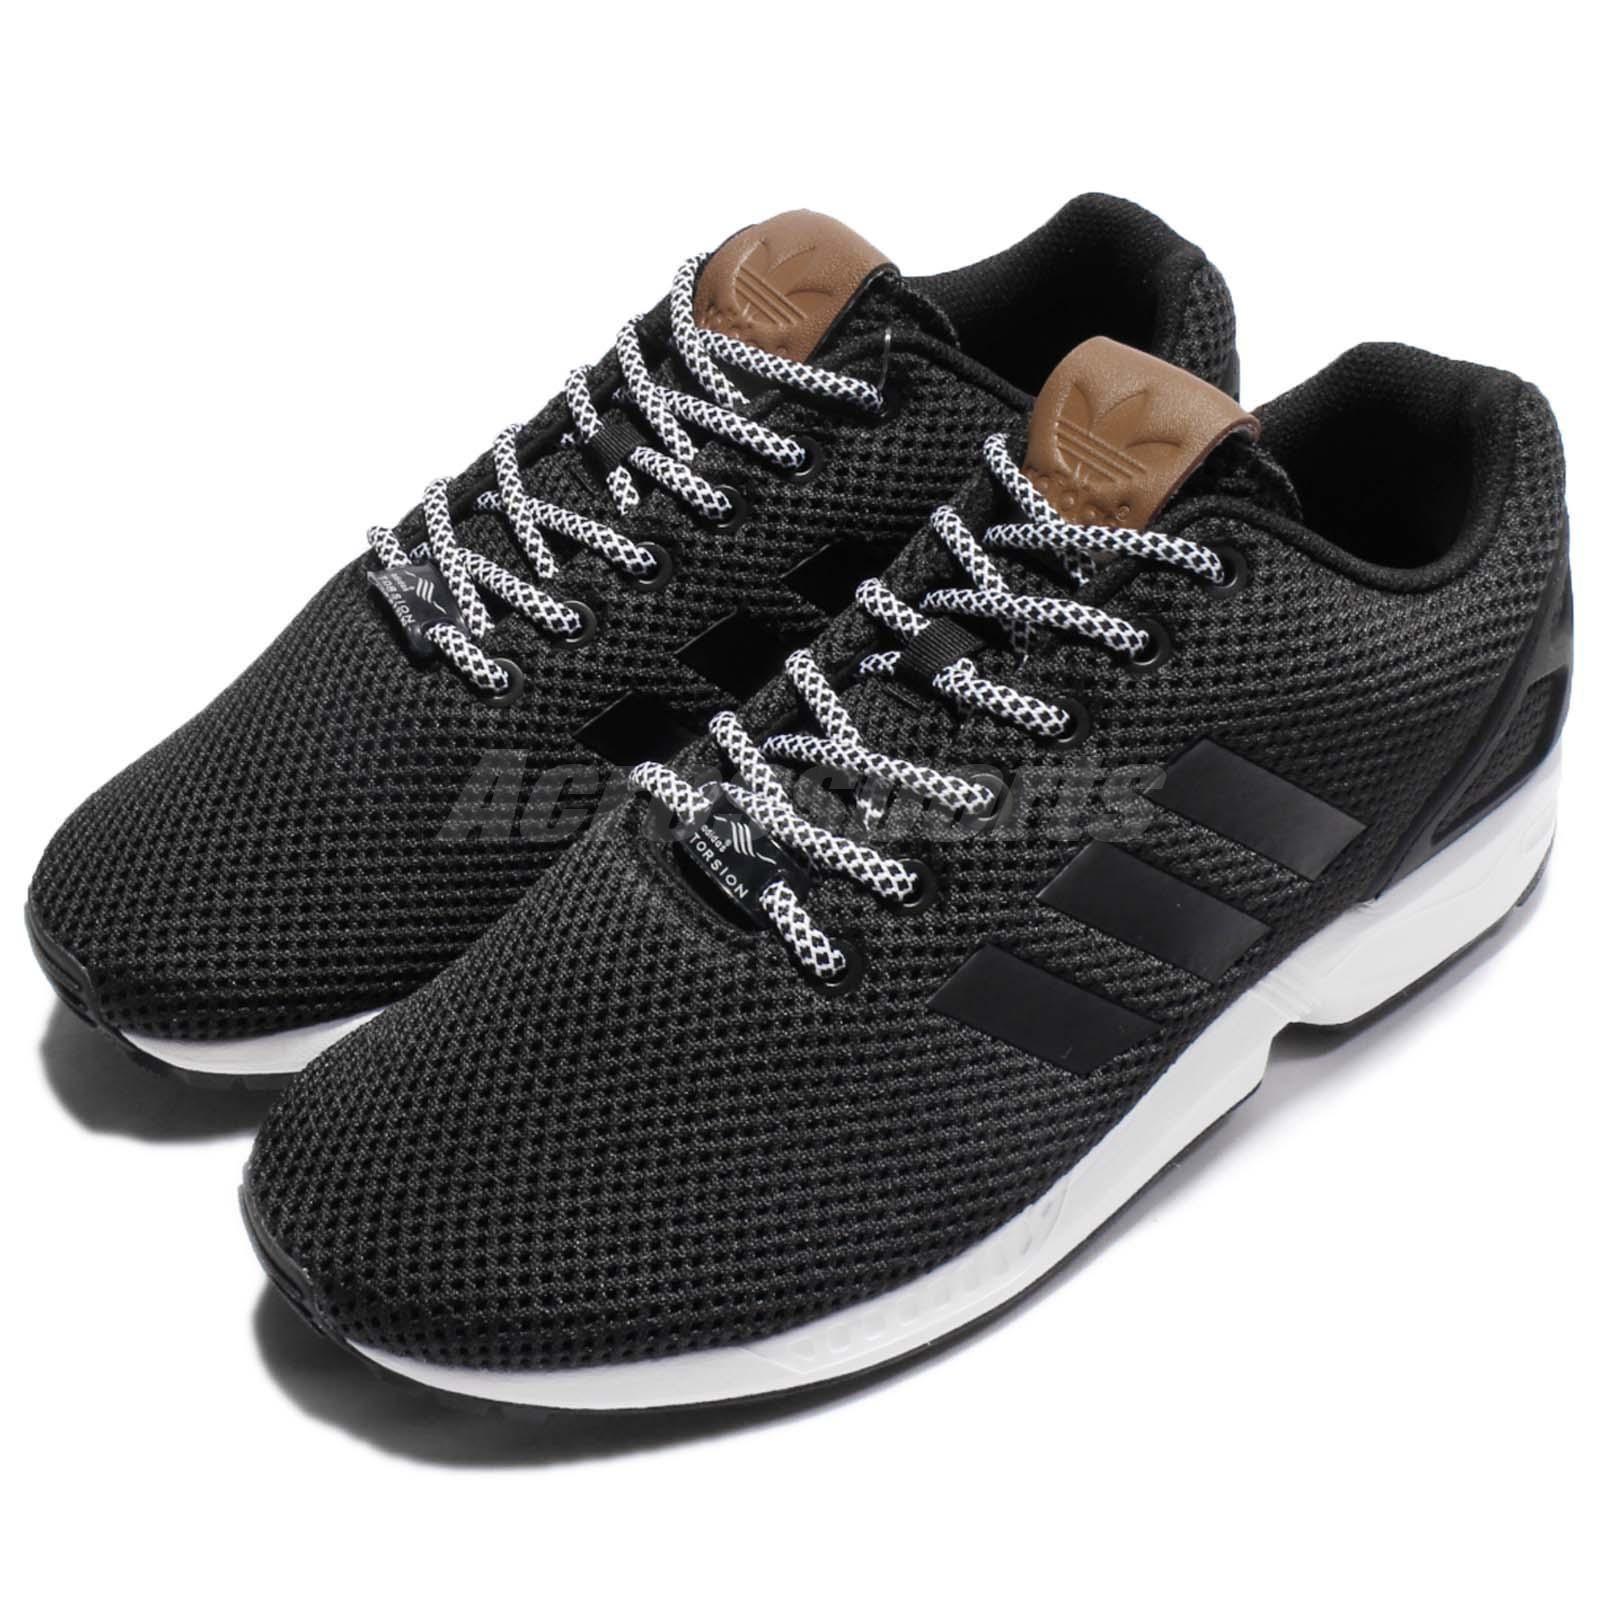 adidas originali zx flusso bianco nero uomini scarpe da corsa.